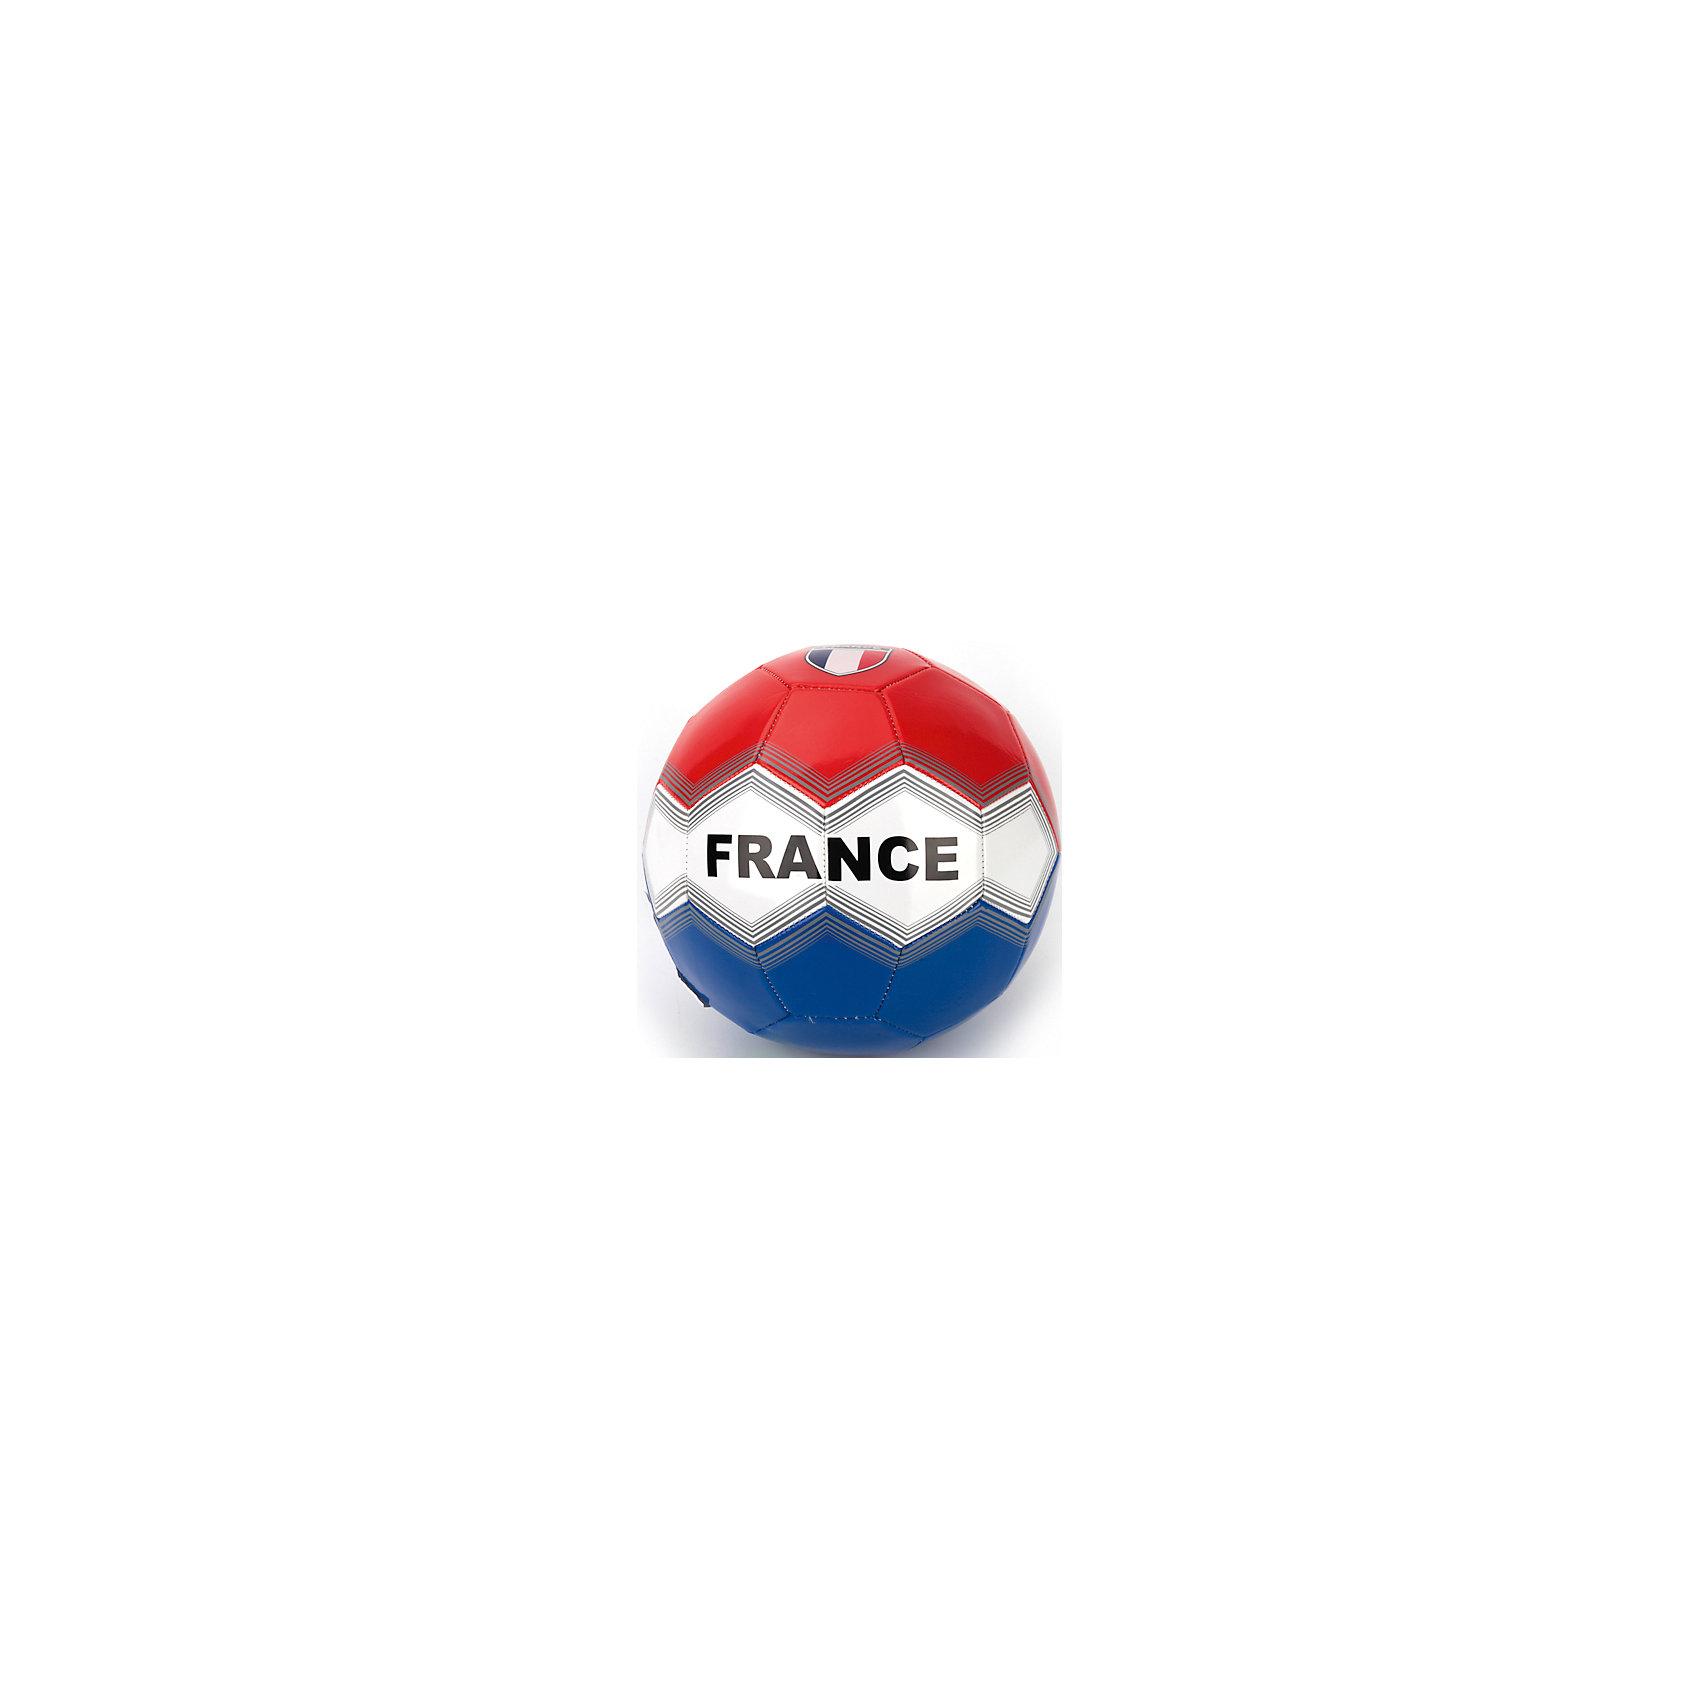 Футбольный мячСборная Франции, АтлетикМячи детские<br>Мяч футбольный лакированный, ПВХ, 1 слой, 270 грамм, дизайн Сборная Франции.<br><br>Ширина мм: 230<br>Глубина мм: 230<br>Высота мм: 230<br>Вес г: 280<br>Возраст от месяцев: 36<br>Возраст до месяцев: 96<br>Пол: Мужской<br>Возраст: Детский<br>SKU: 5528140